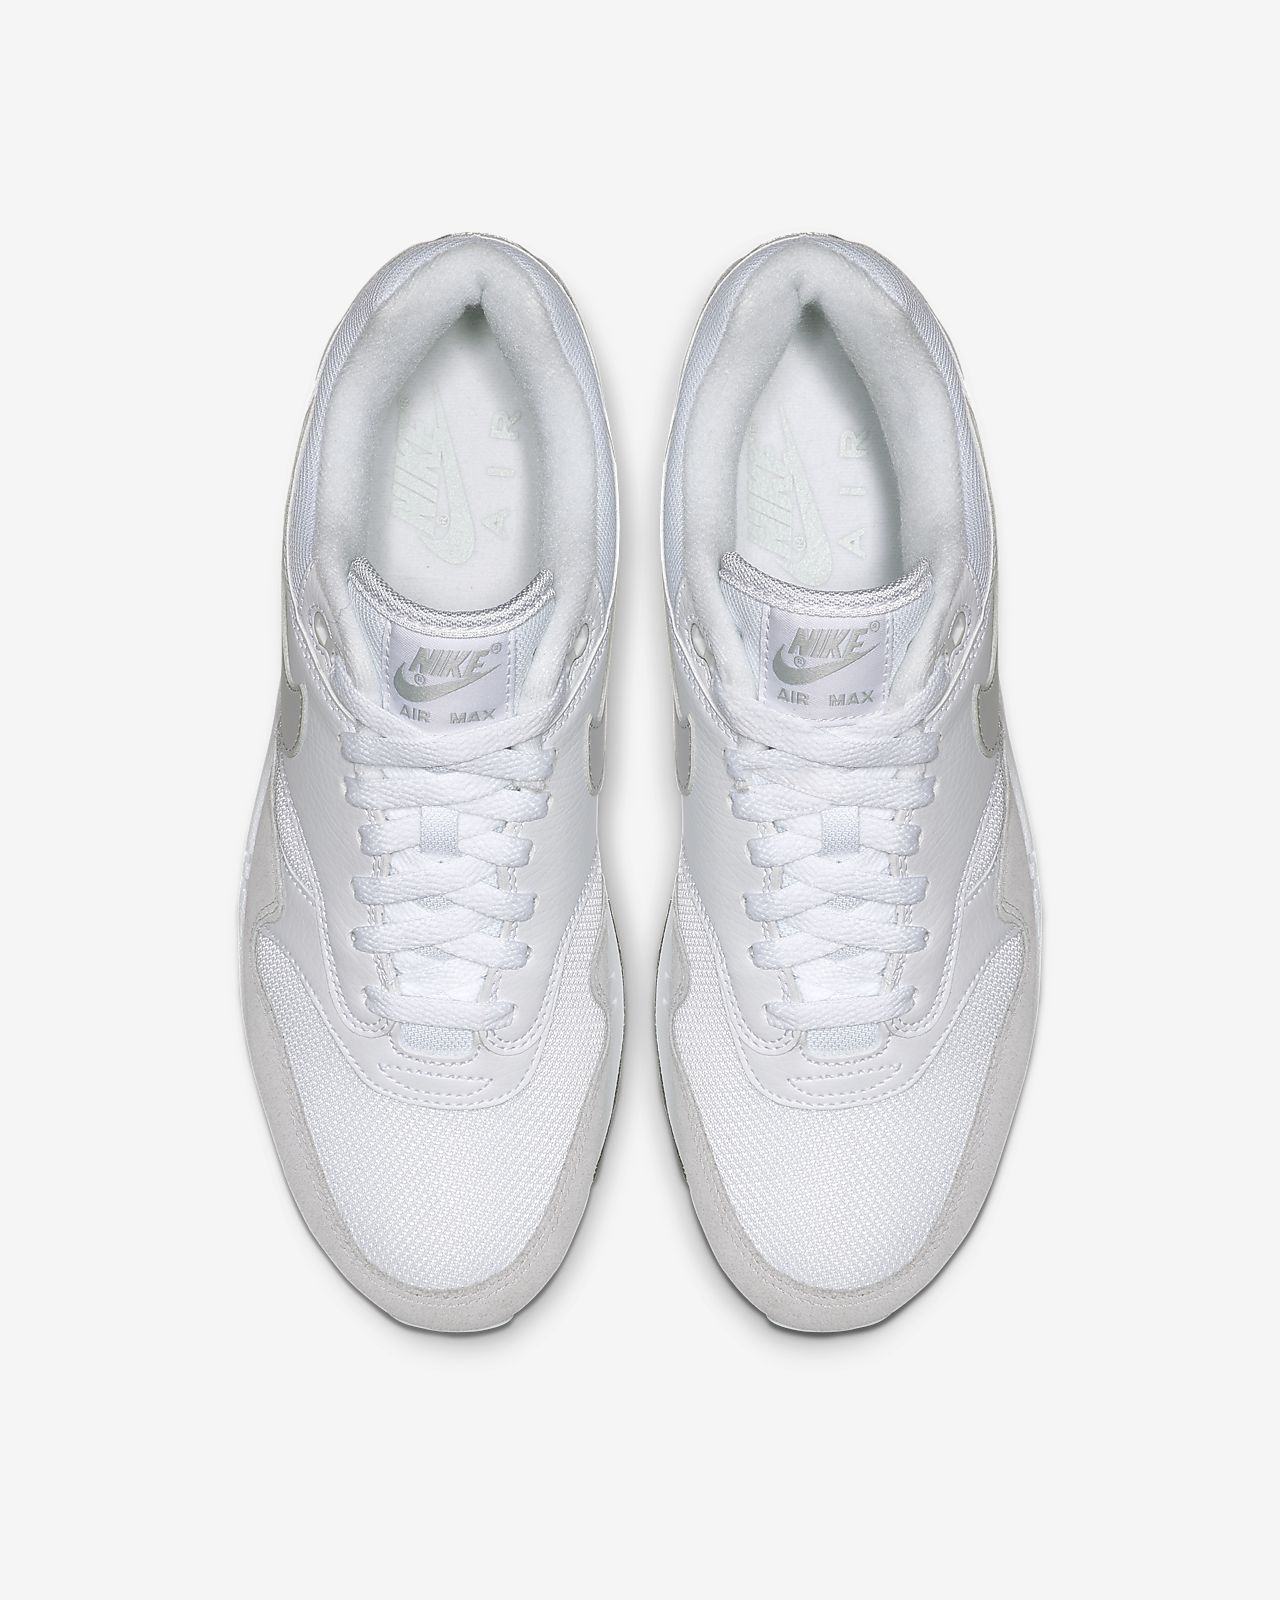 best service c7973 2a3d6 ... Nike Air Max 1 Men s Shoe